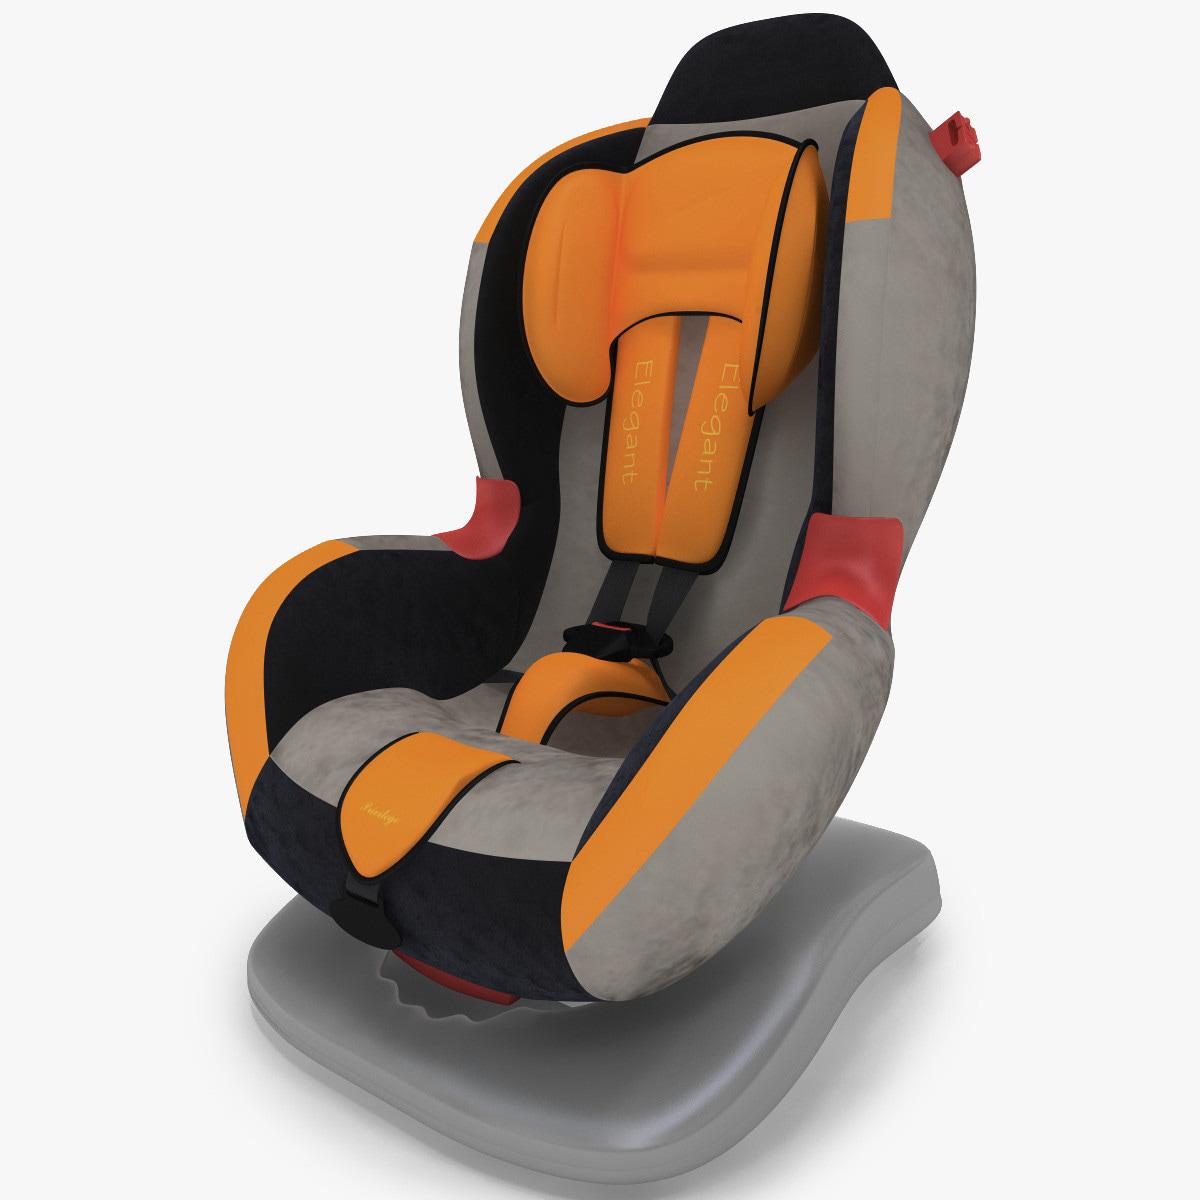 Kiddy_Car_Seat_Elegant_Privilege_00_1.jpg